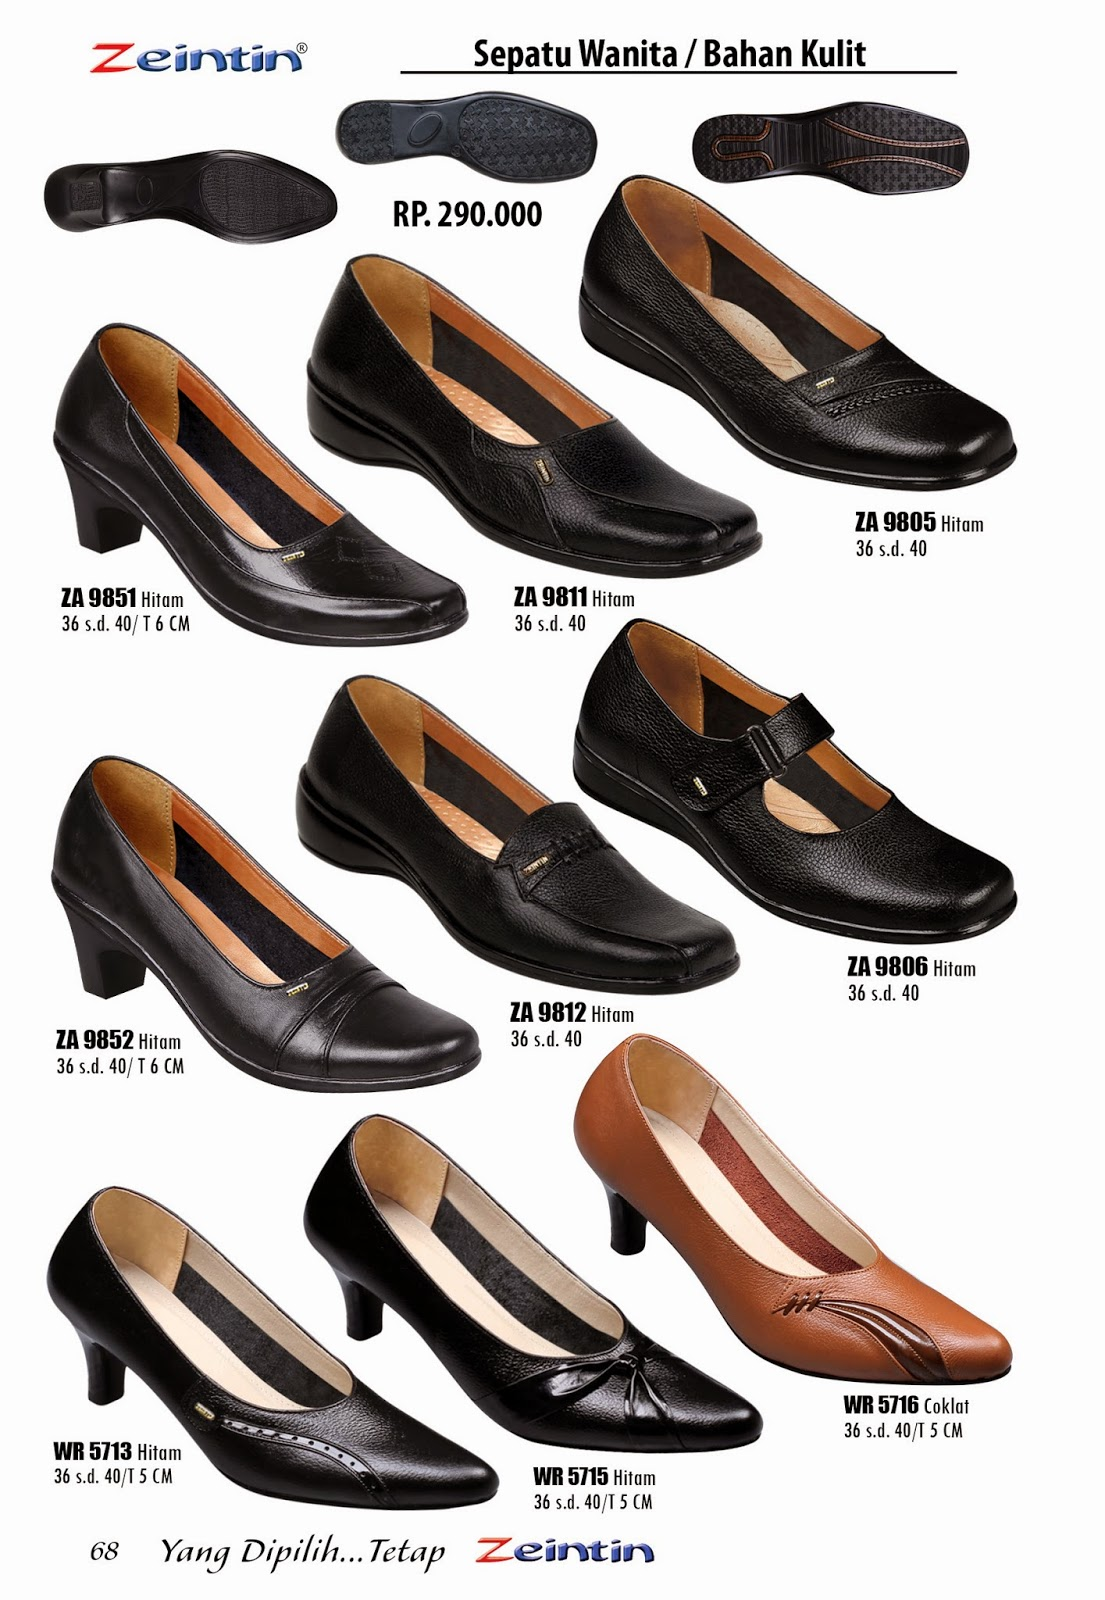 Sepatu Kulit Wanita Zeintin Katalog Edisi Brilian 11